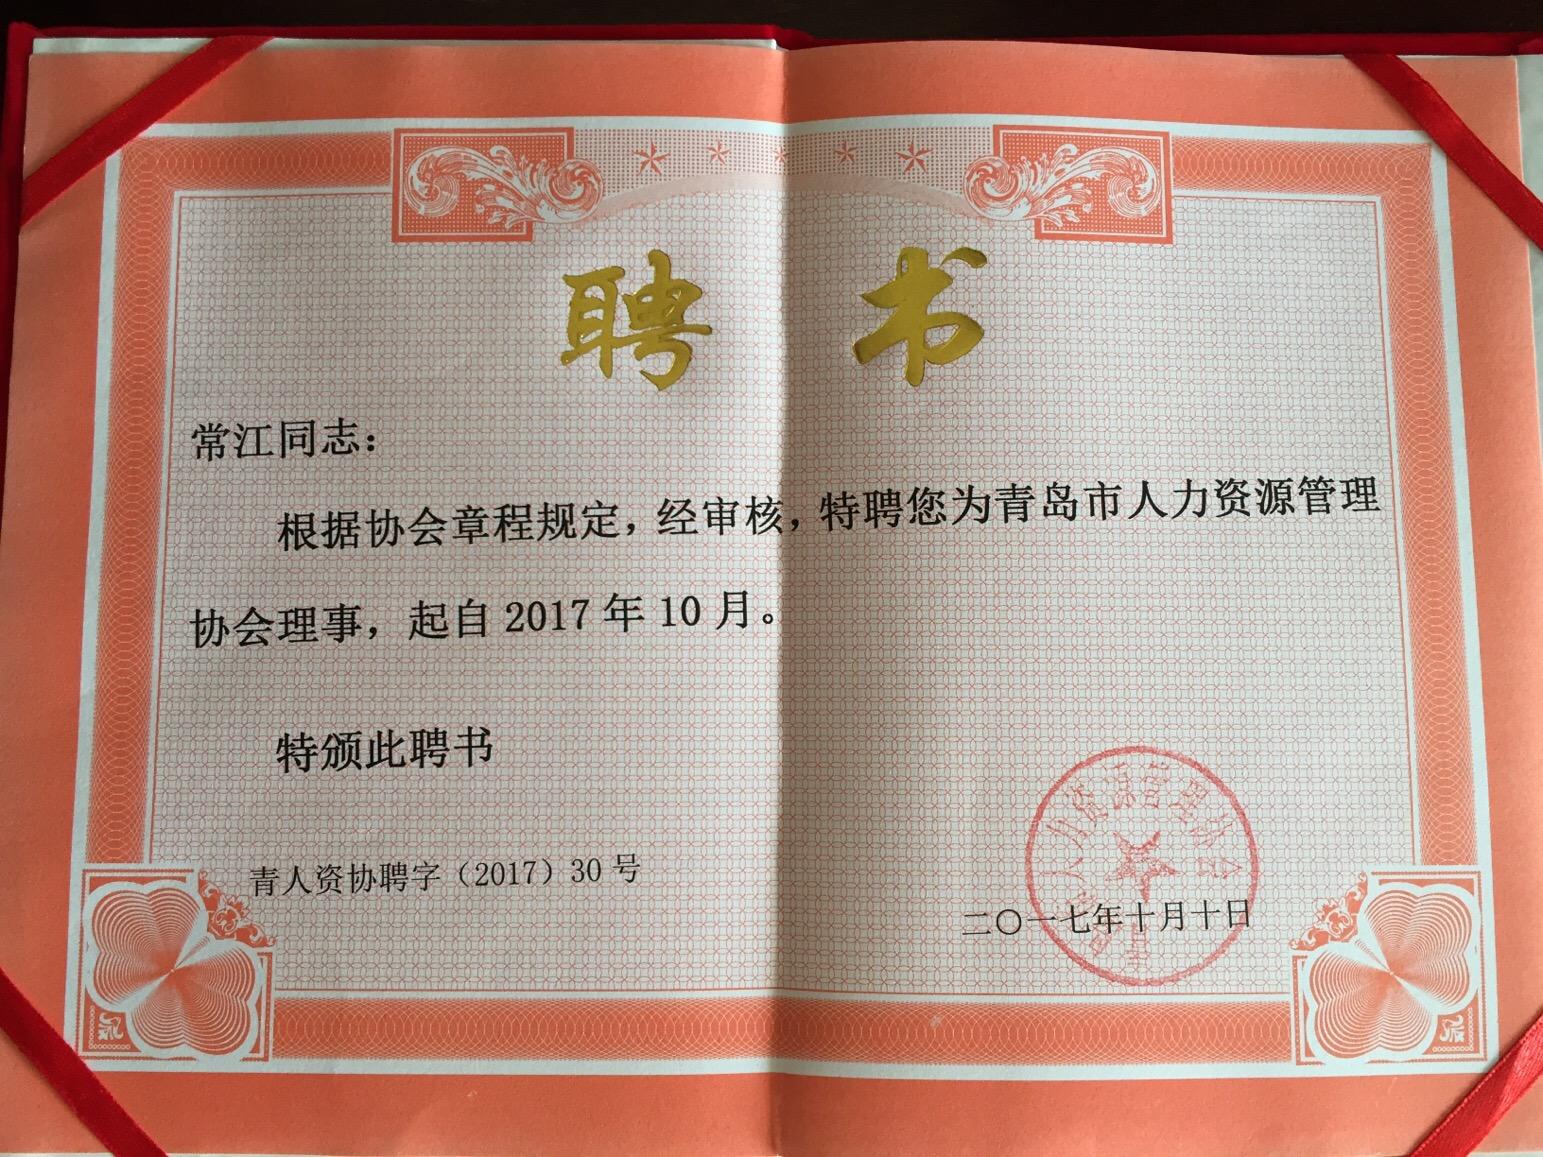 青岛市人力资源管理协会理事聘书